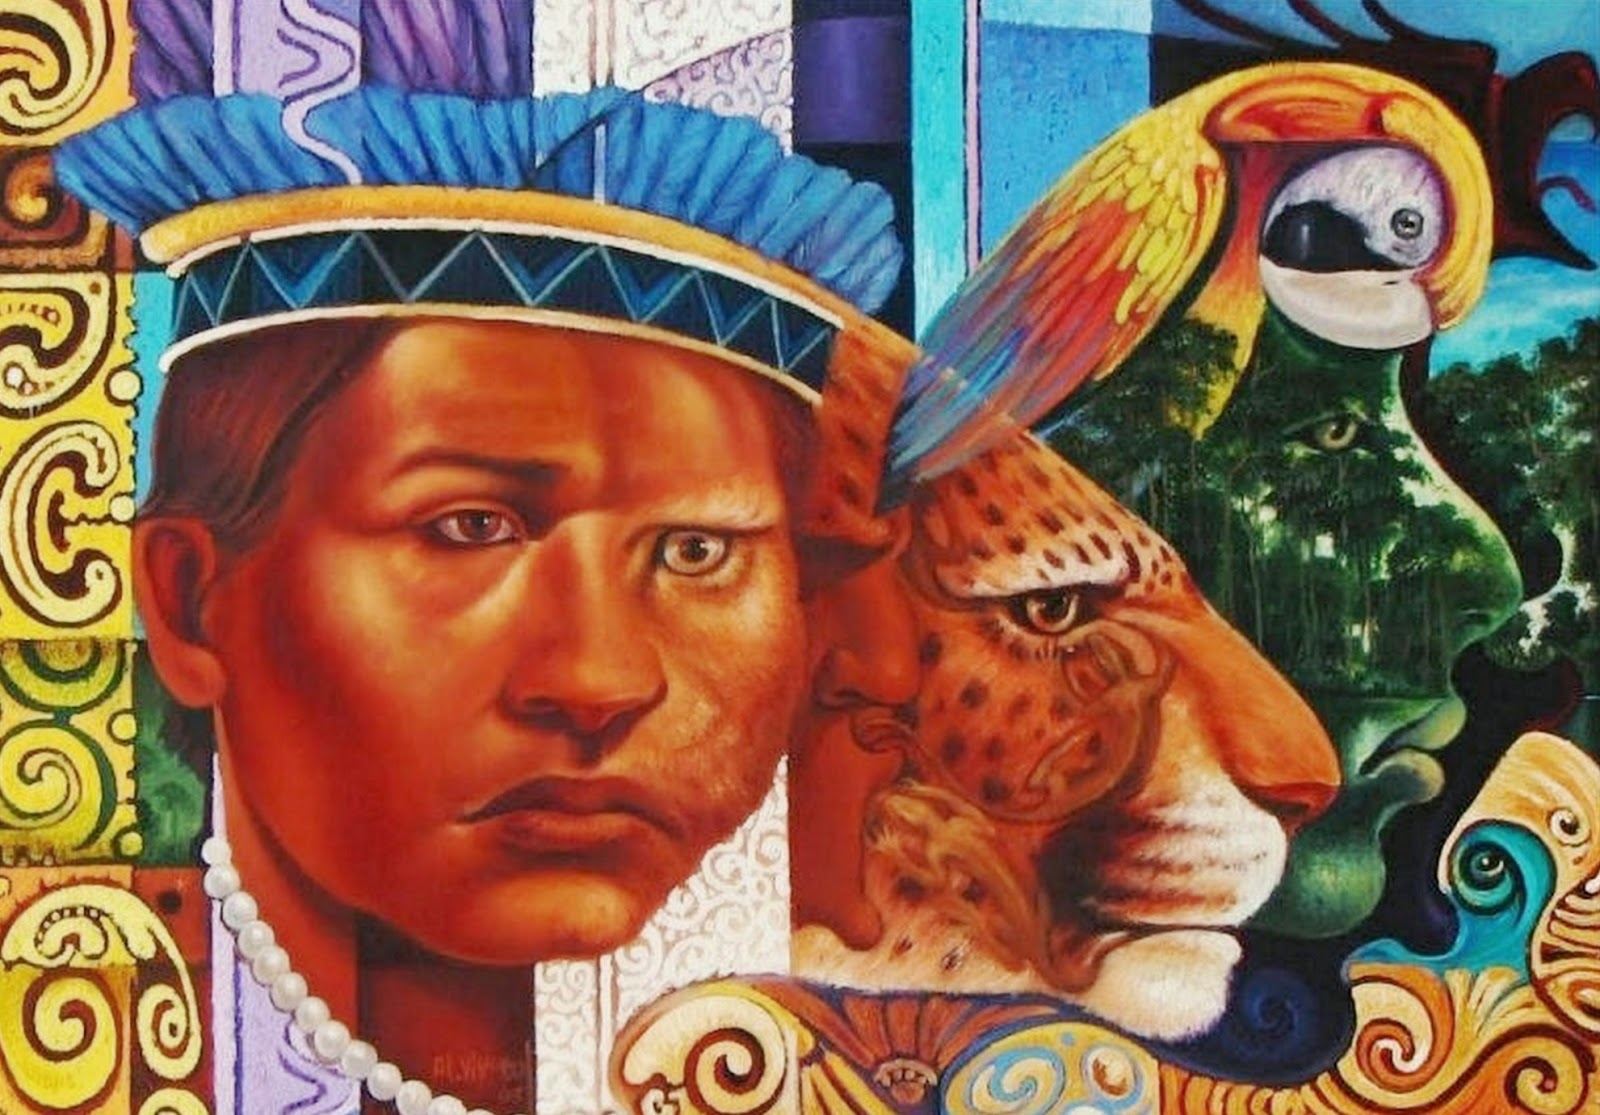 cuadros-indigenas-y-mayas